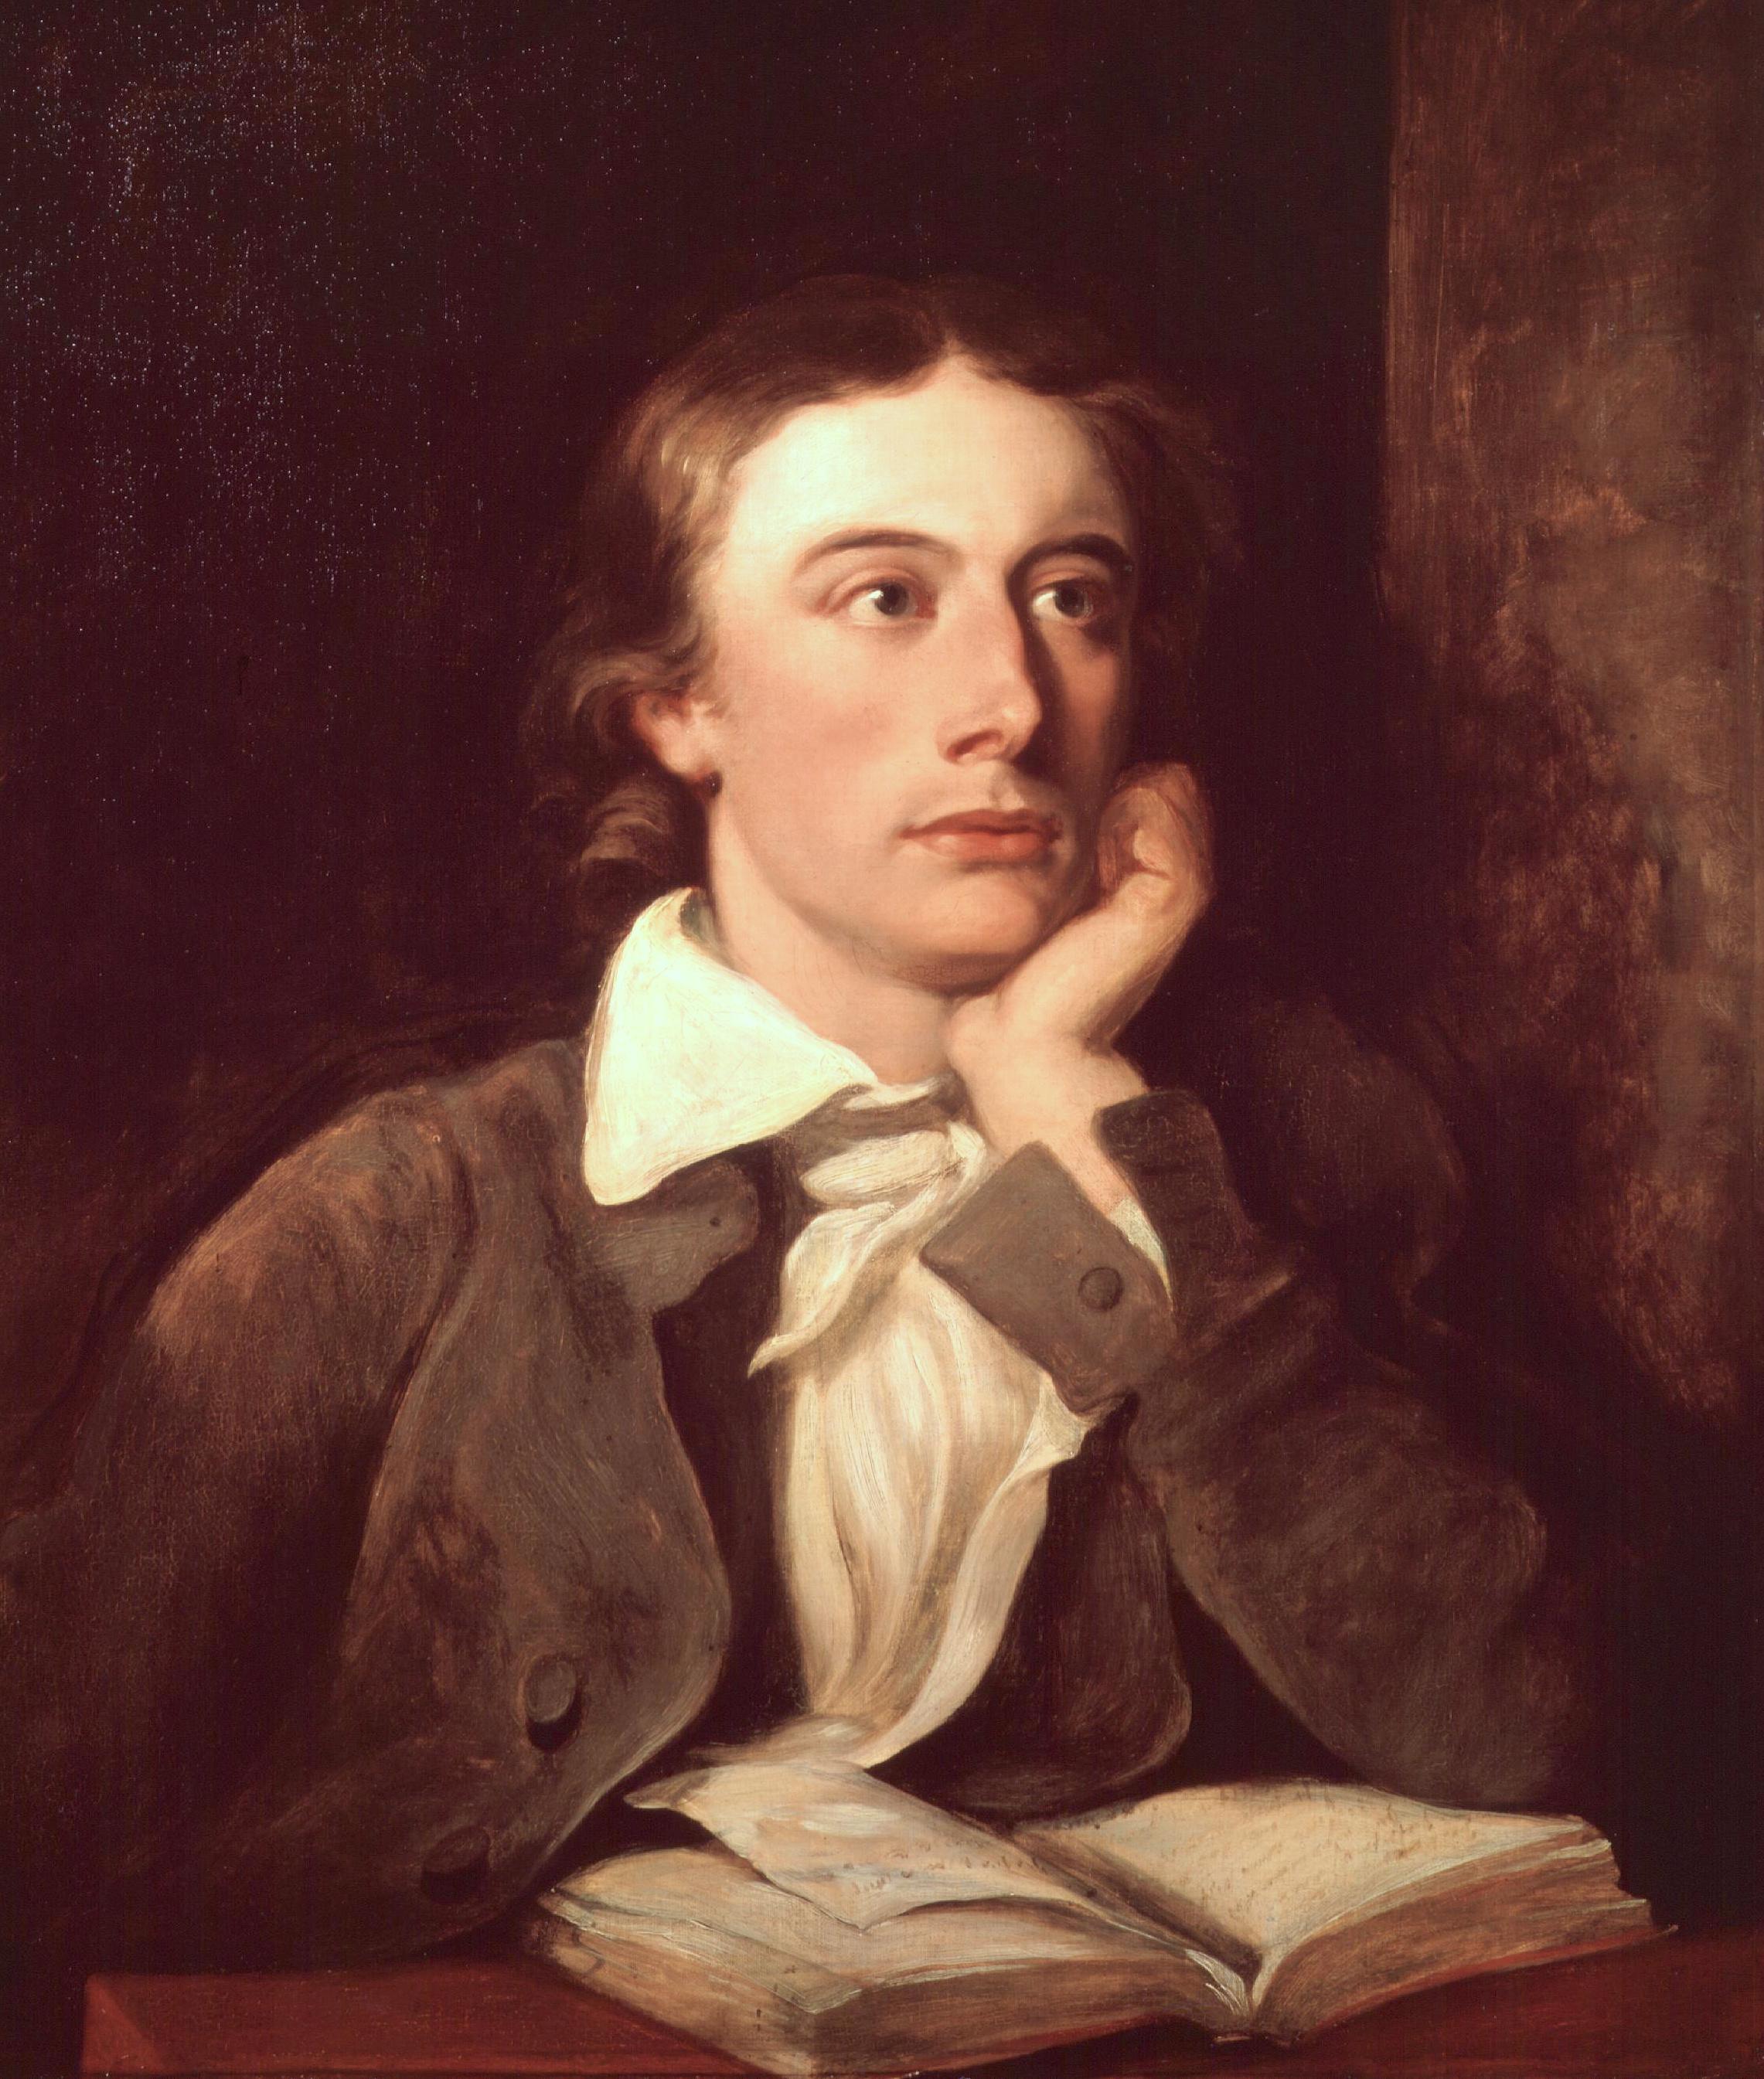 John Keats in un ritratto postumo di William Hilton (ca 1822)